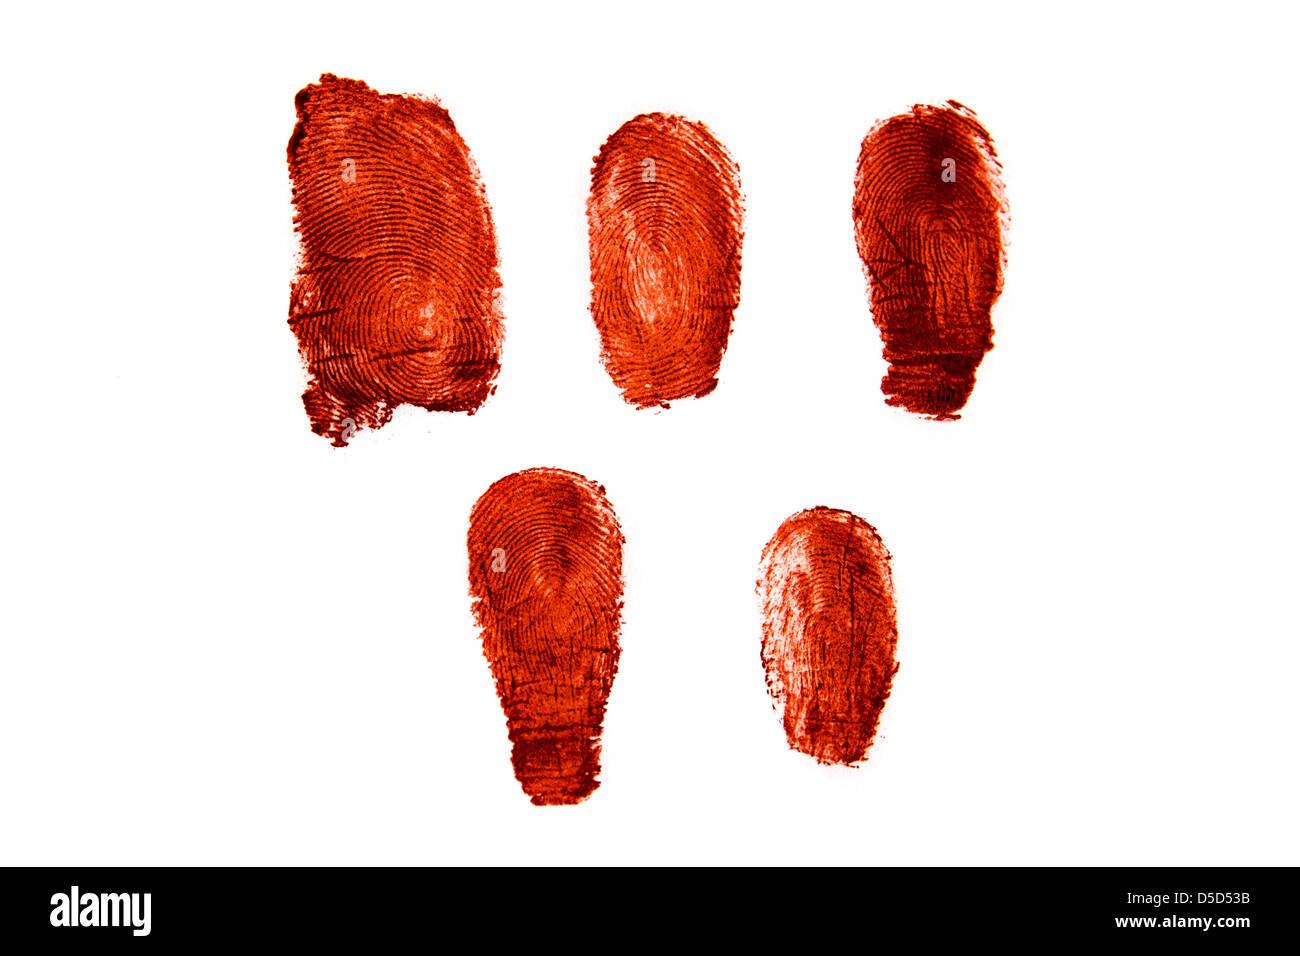 Les empreintes sanglantes isolé sur fond blanc Photo Stock